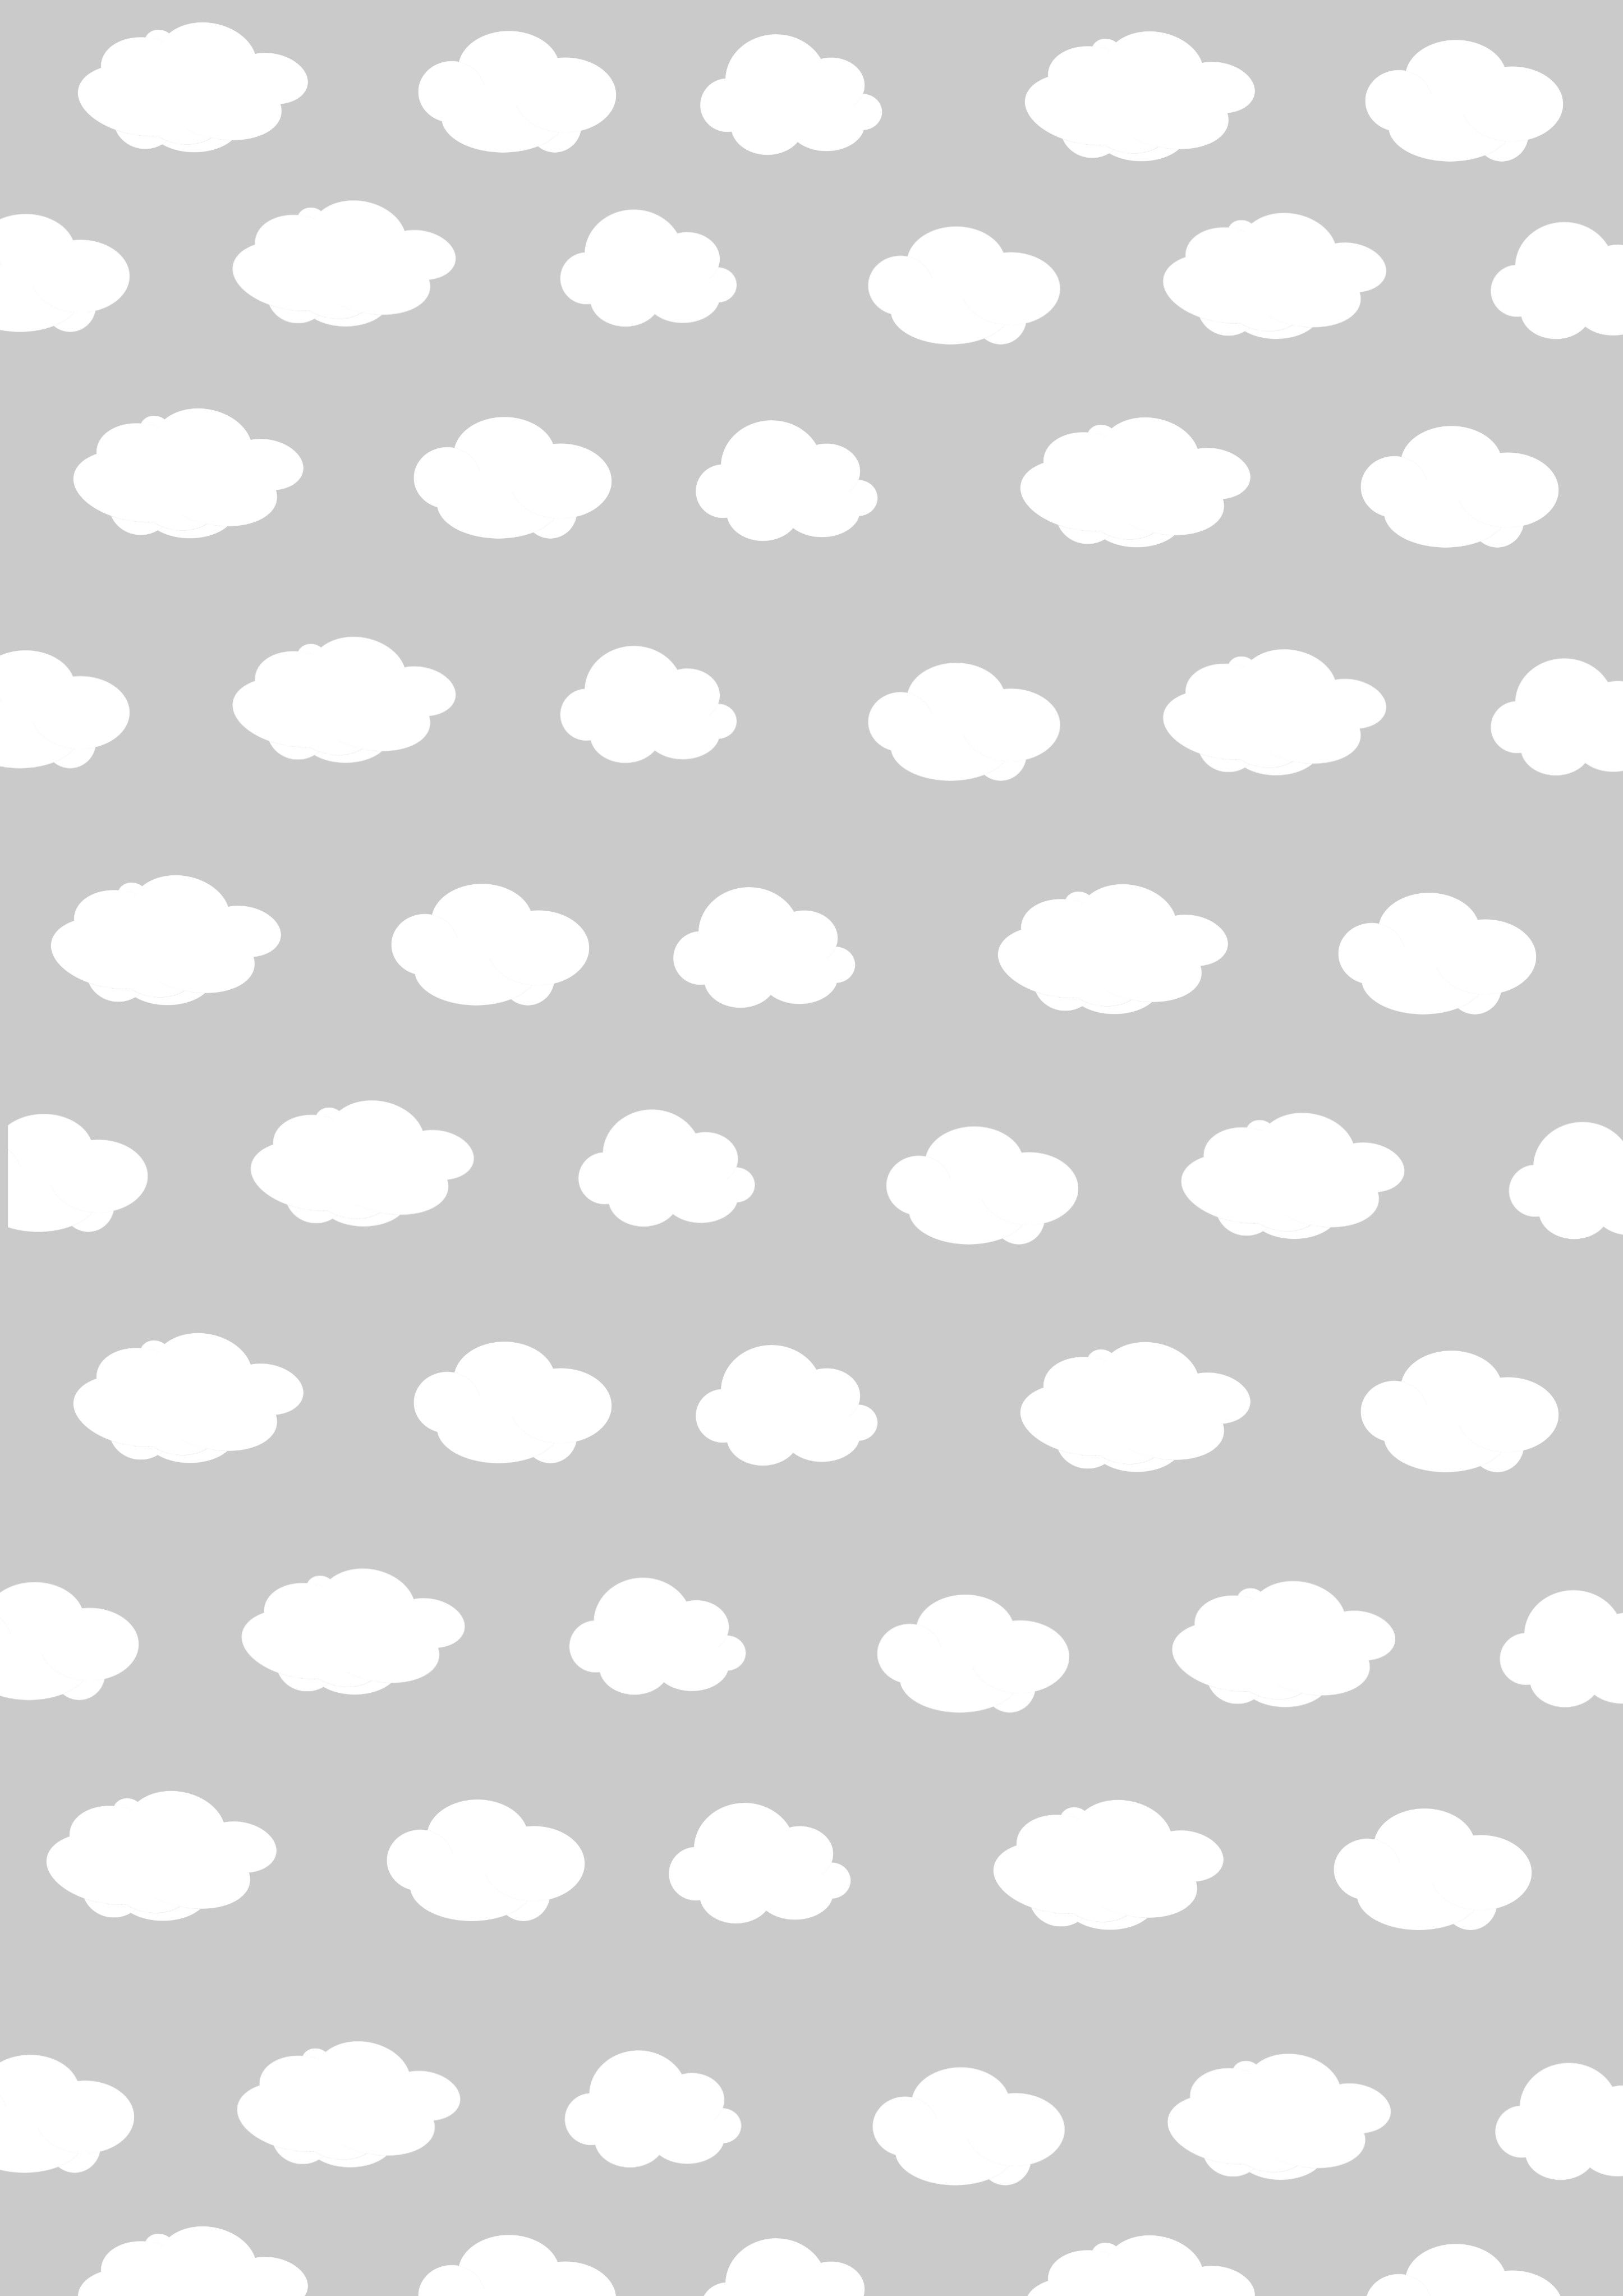 無料ダウンロード モノトーンのラッピングペーパー10 その7 白黒 壁紙 雲 イラスト かわいい 雲の壁紙